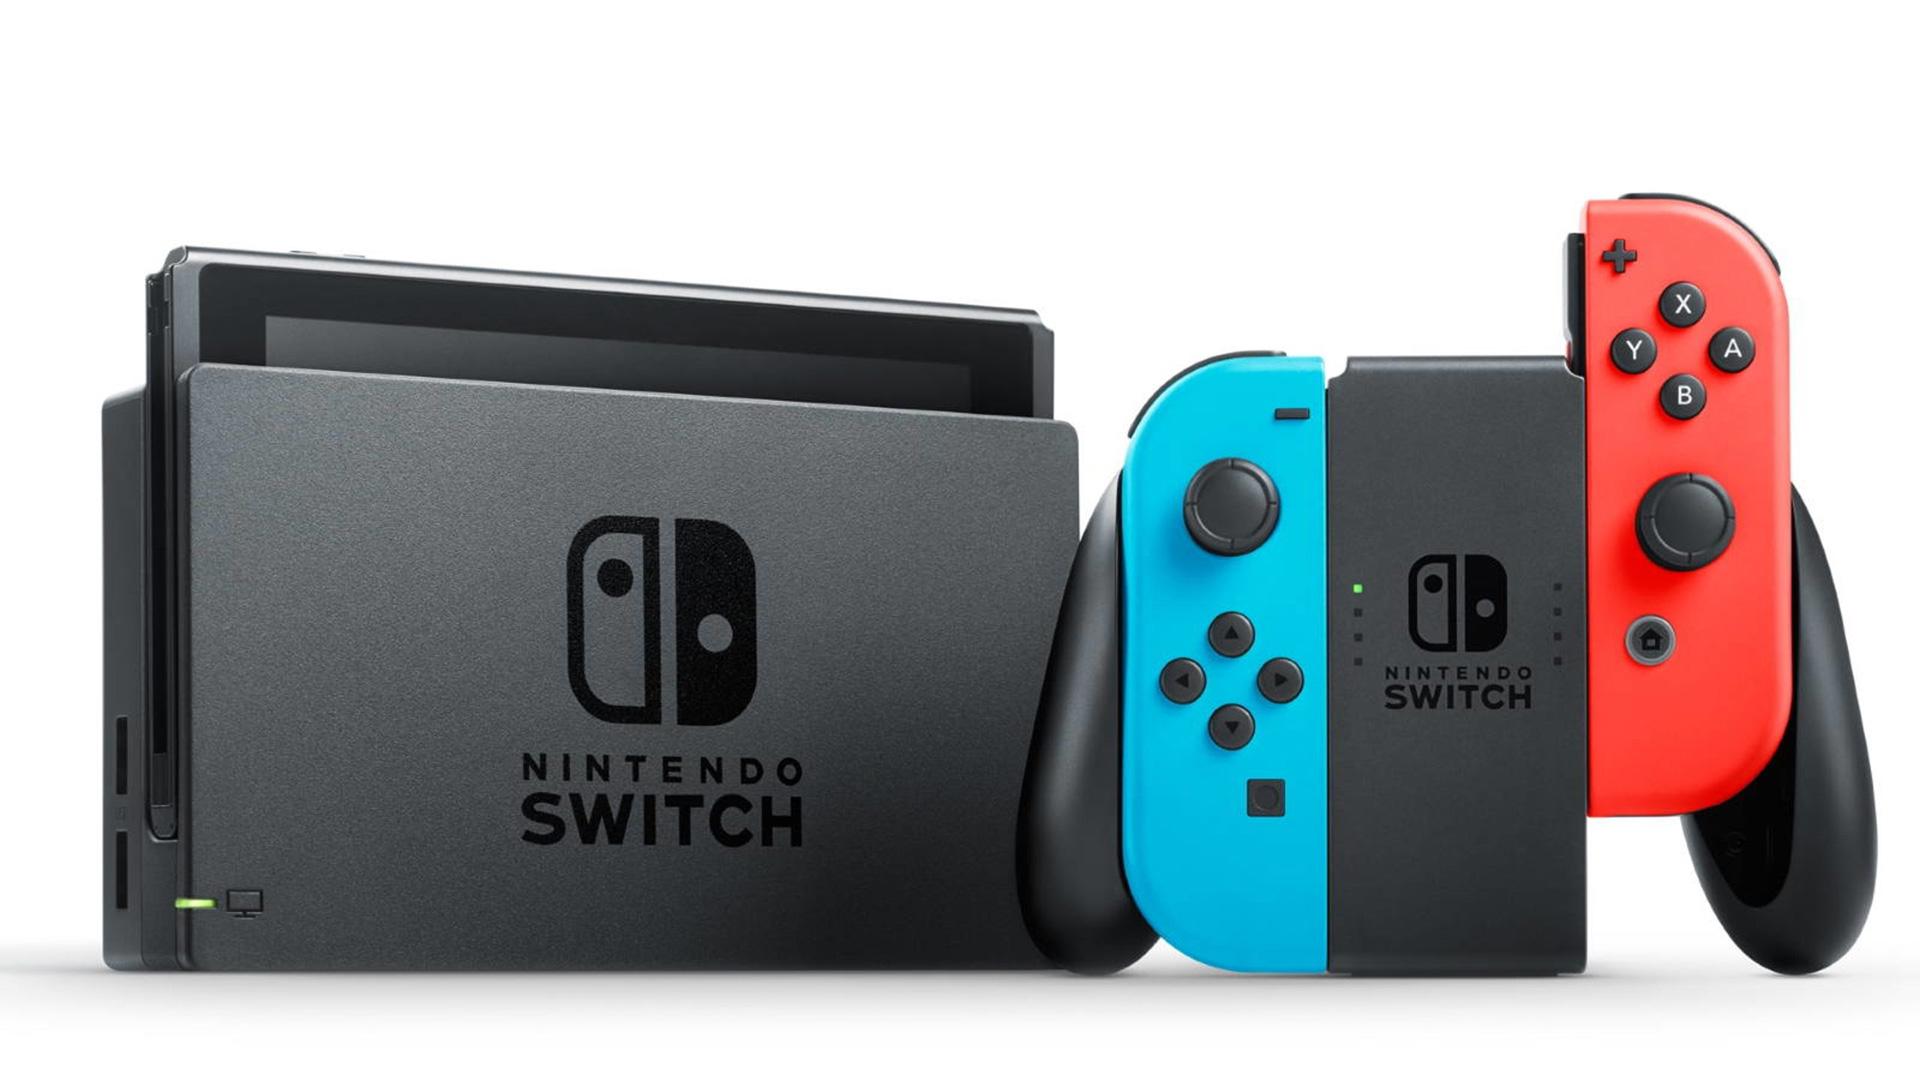 Já existem mais de 52.48 milhões de Nintendo Switch em todo o mundo